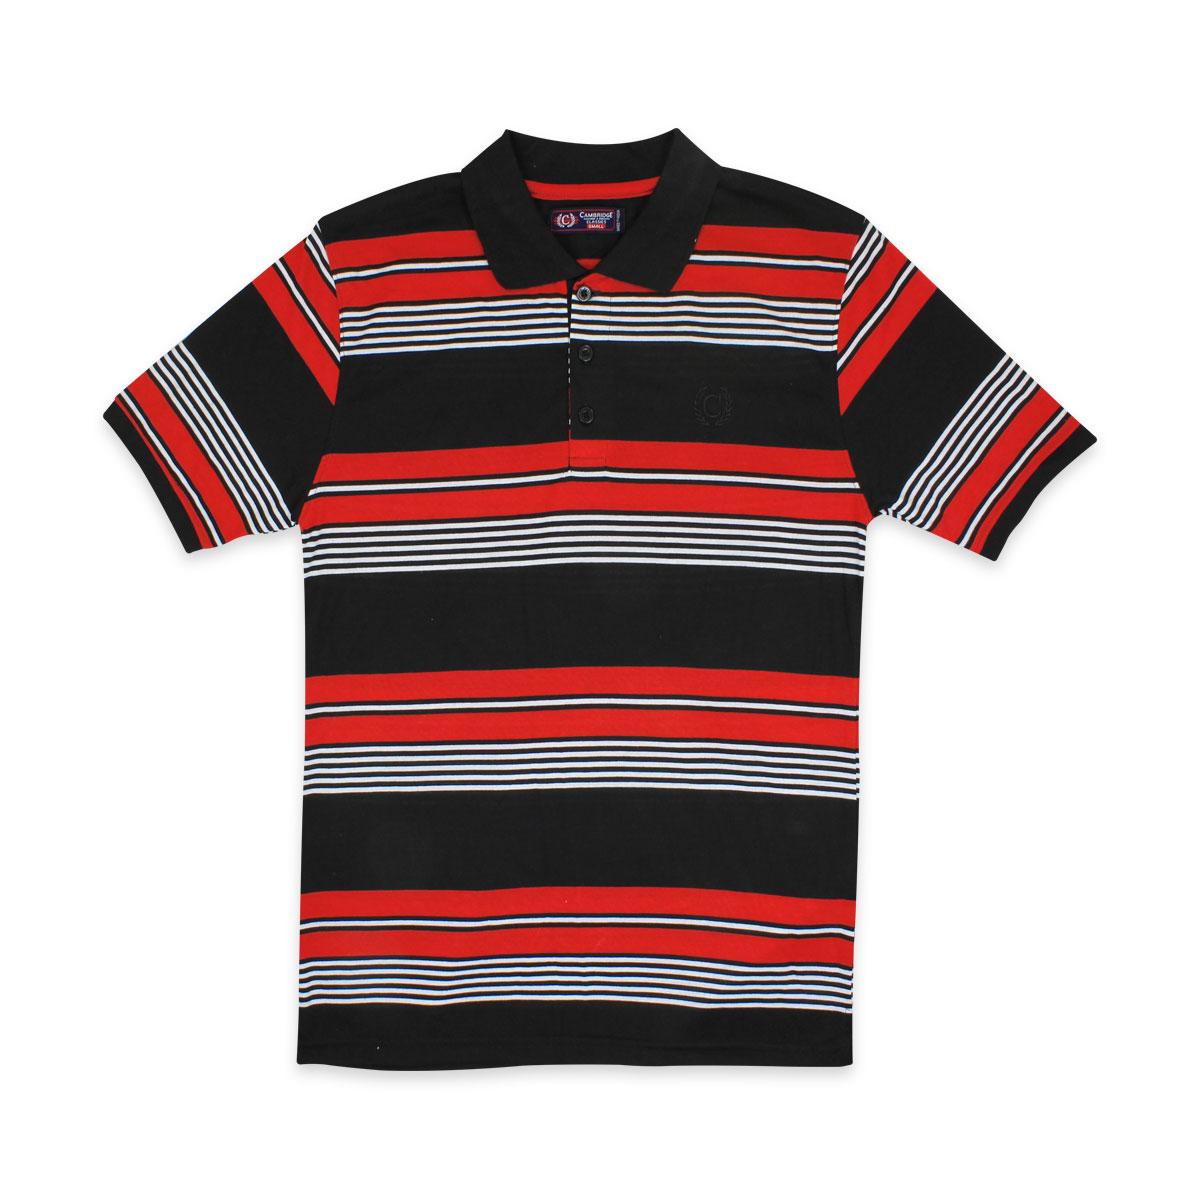 Camisas-Polo-Para-Hombre-A-Rayas-Pique-Con-Cuello-camiseta-Camiseta-Manga-Corta-De-Verano-S-M-L-XL miniatura 45